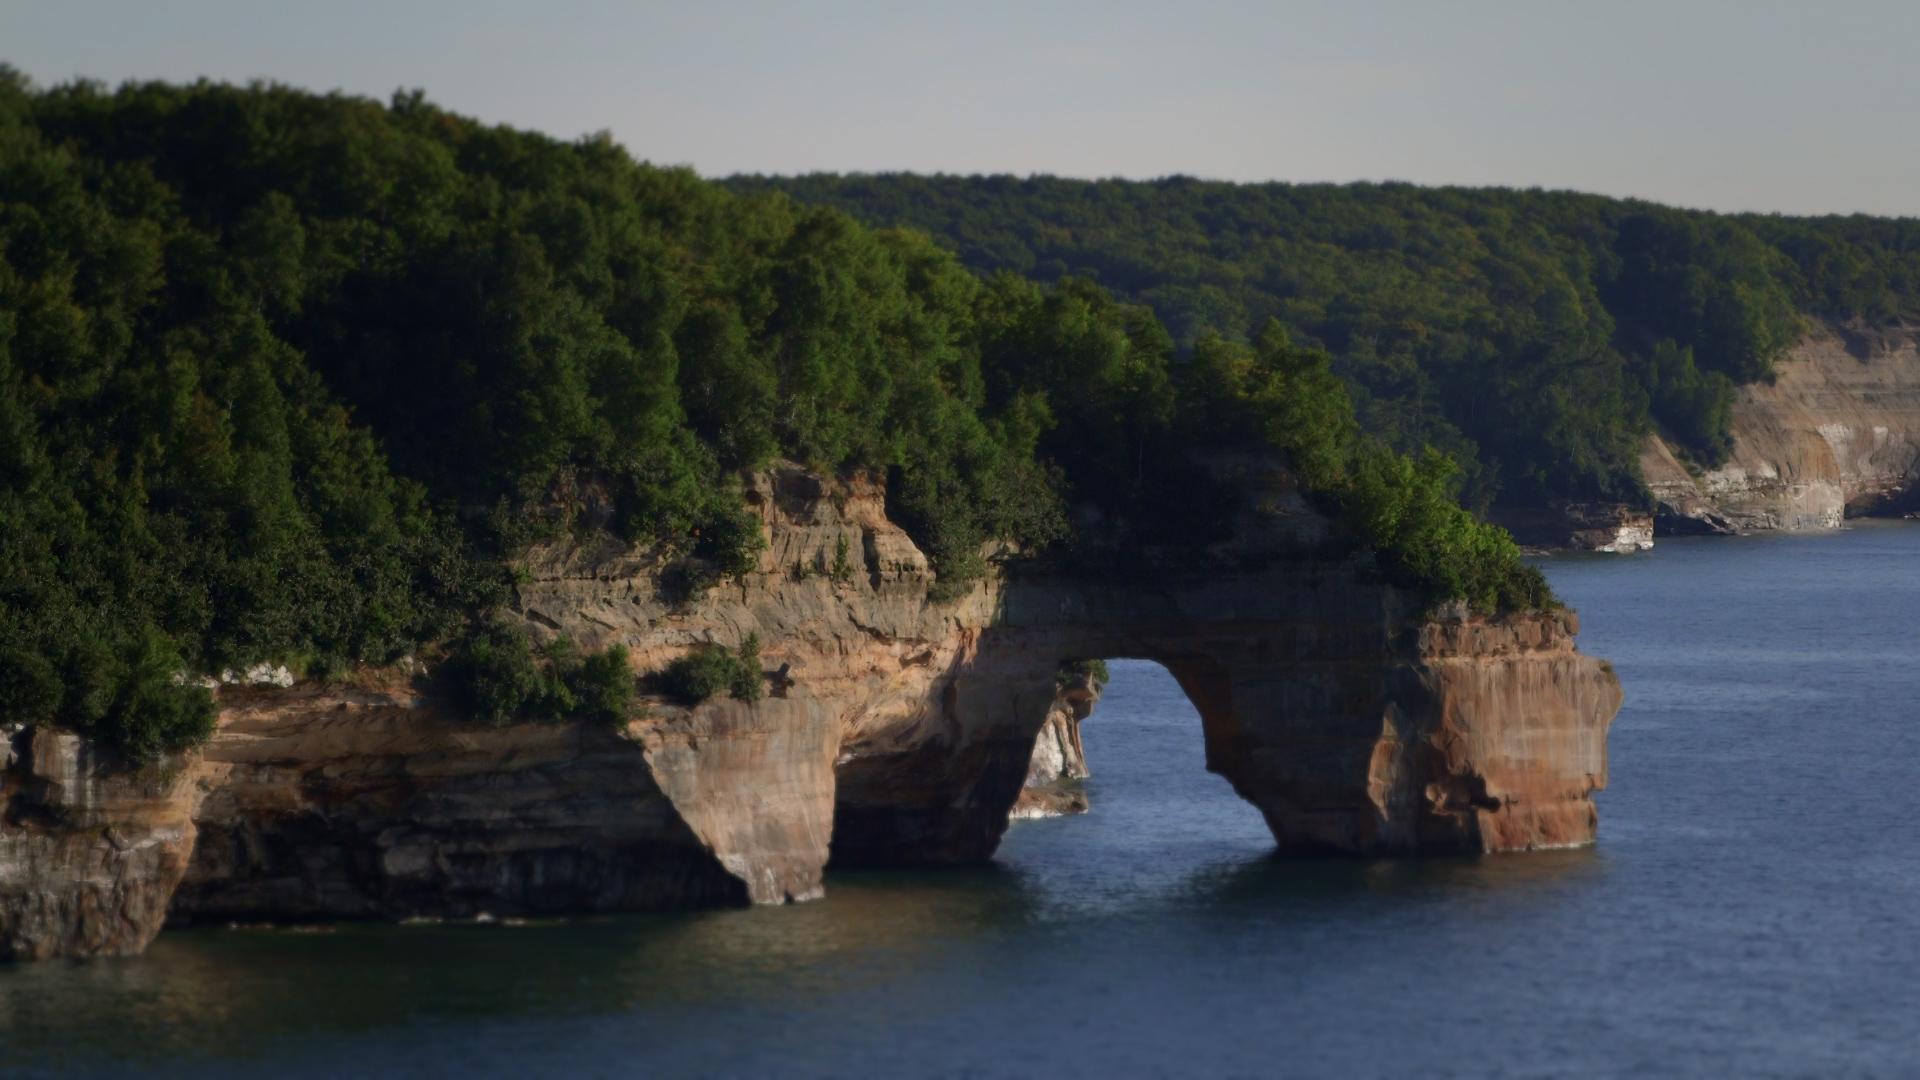 Photo courtesy of Great Lakes Media